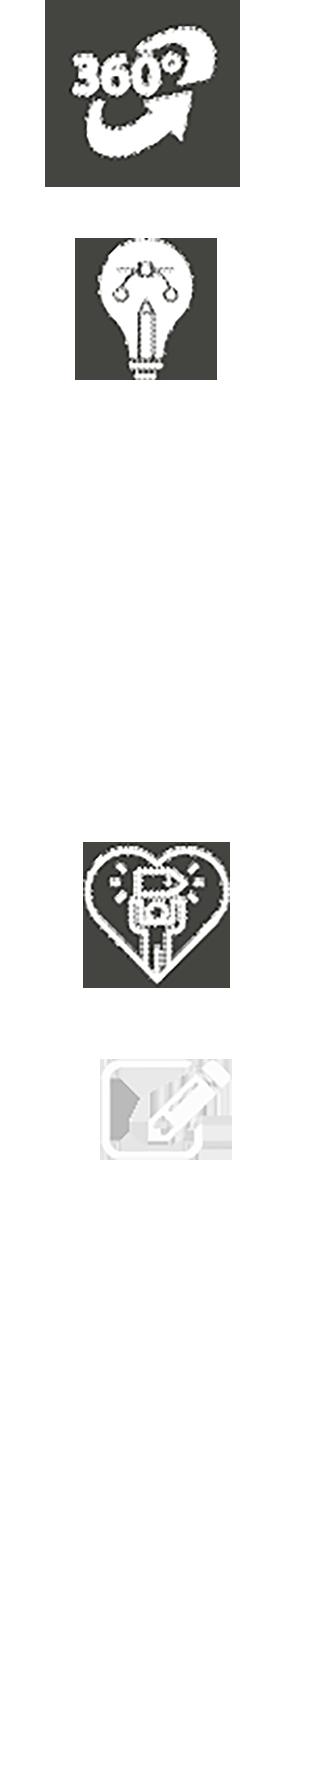 Icons-3